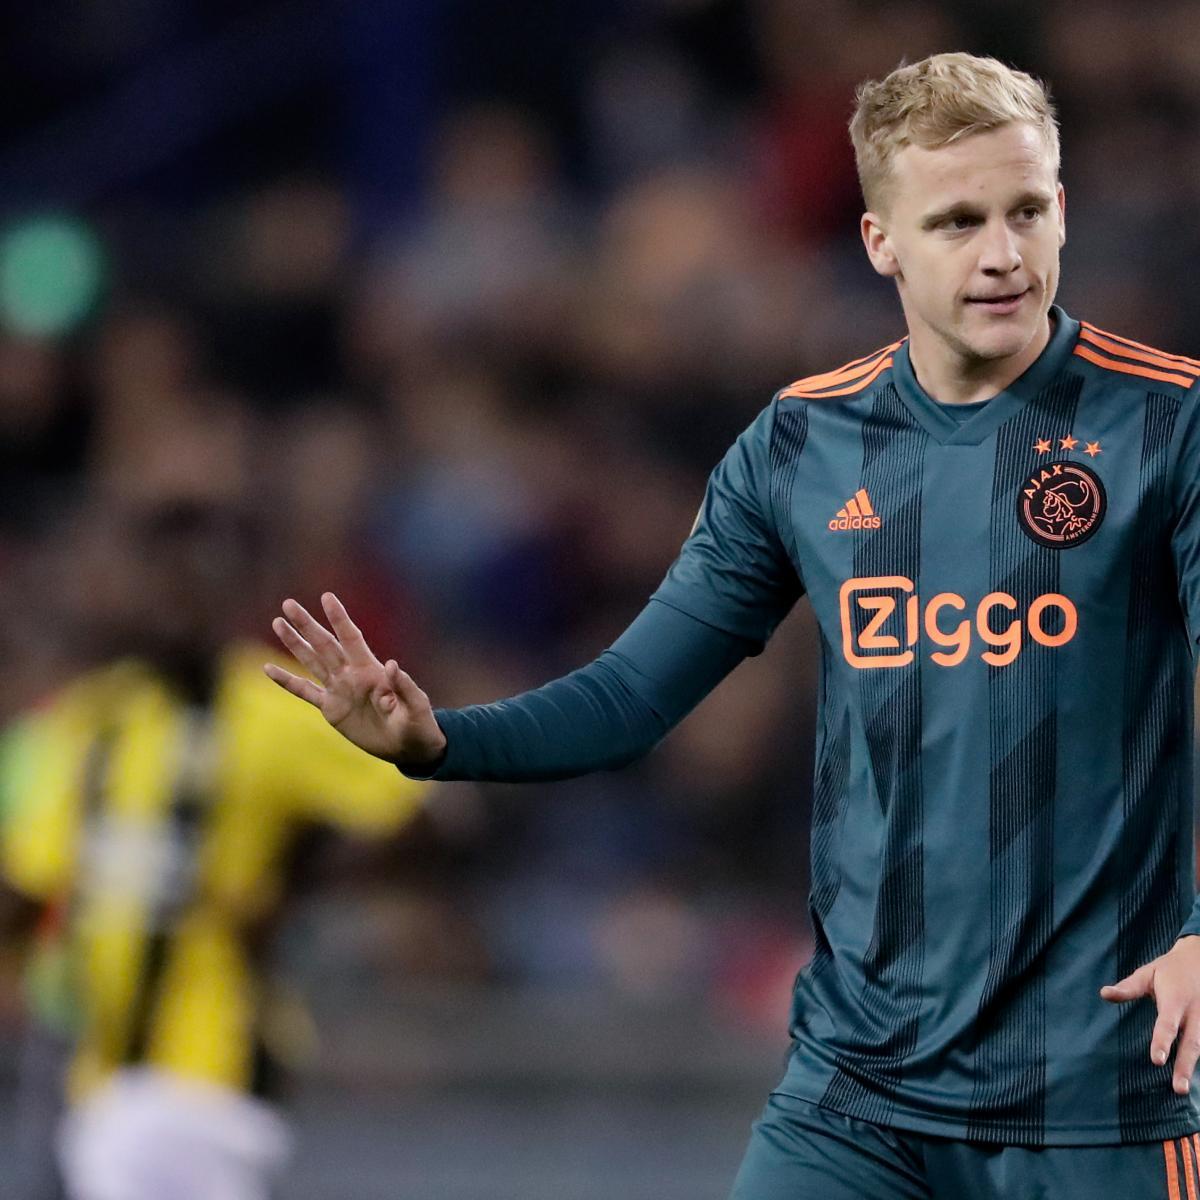 Donny van de Beek Plays Down Real Madrid Links: 'If It Happens, It Happens'